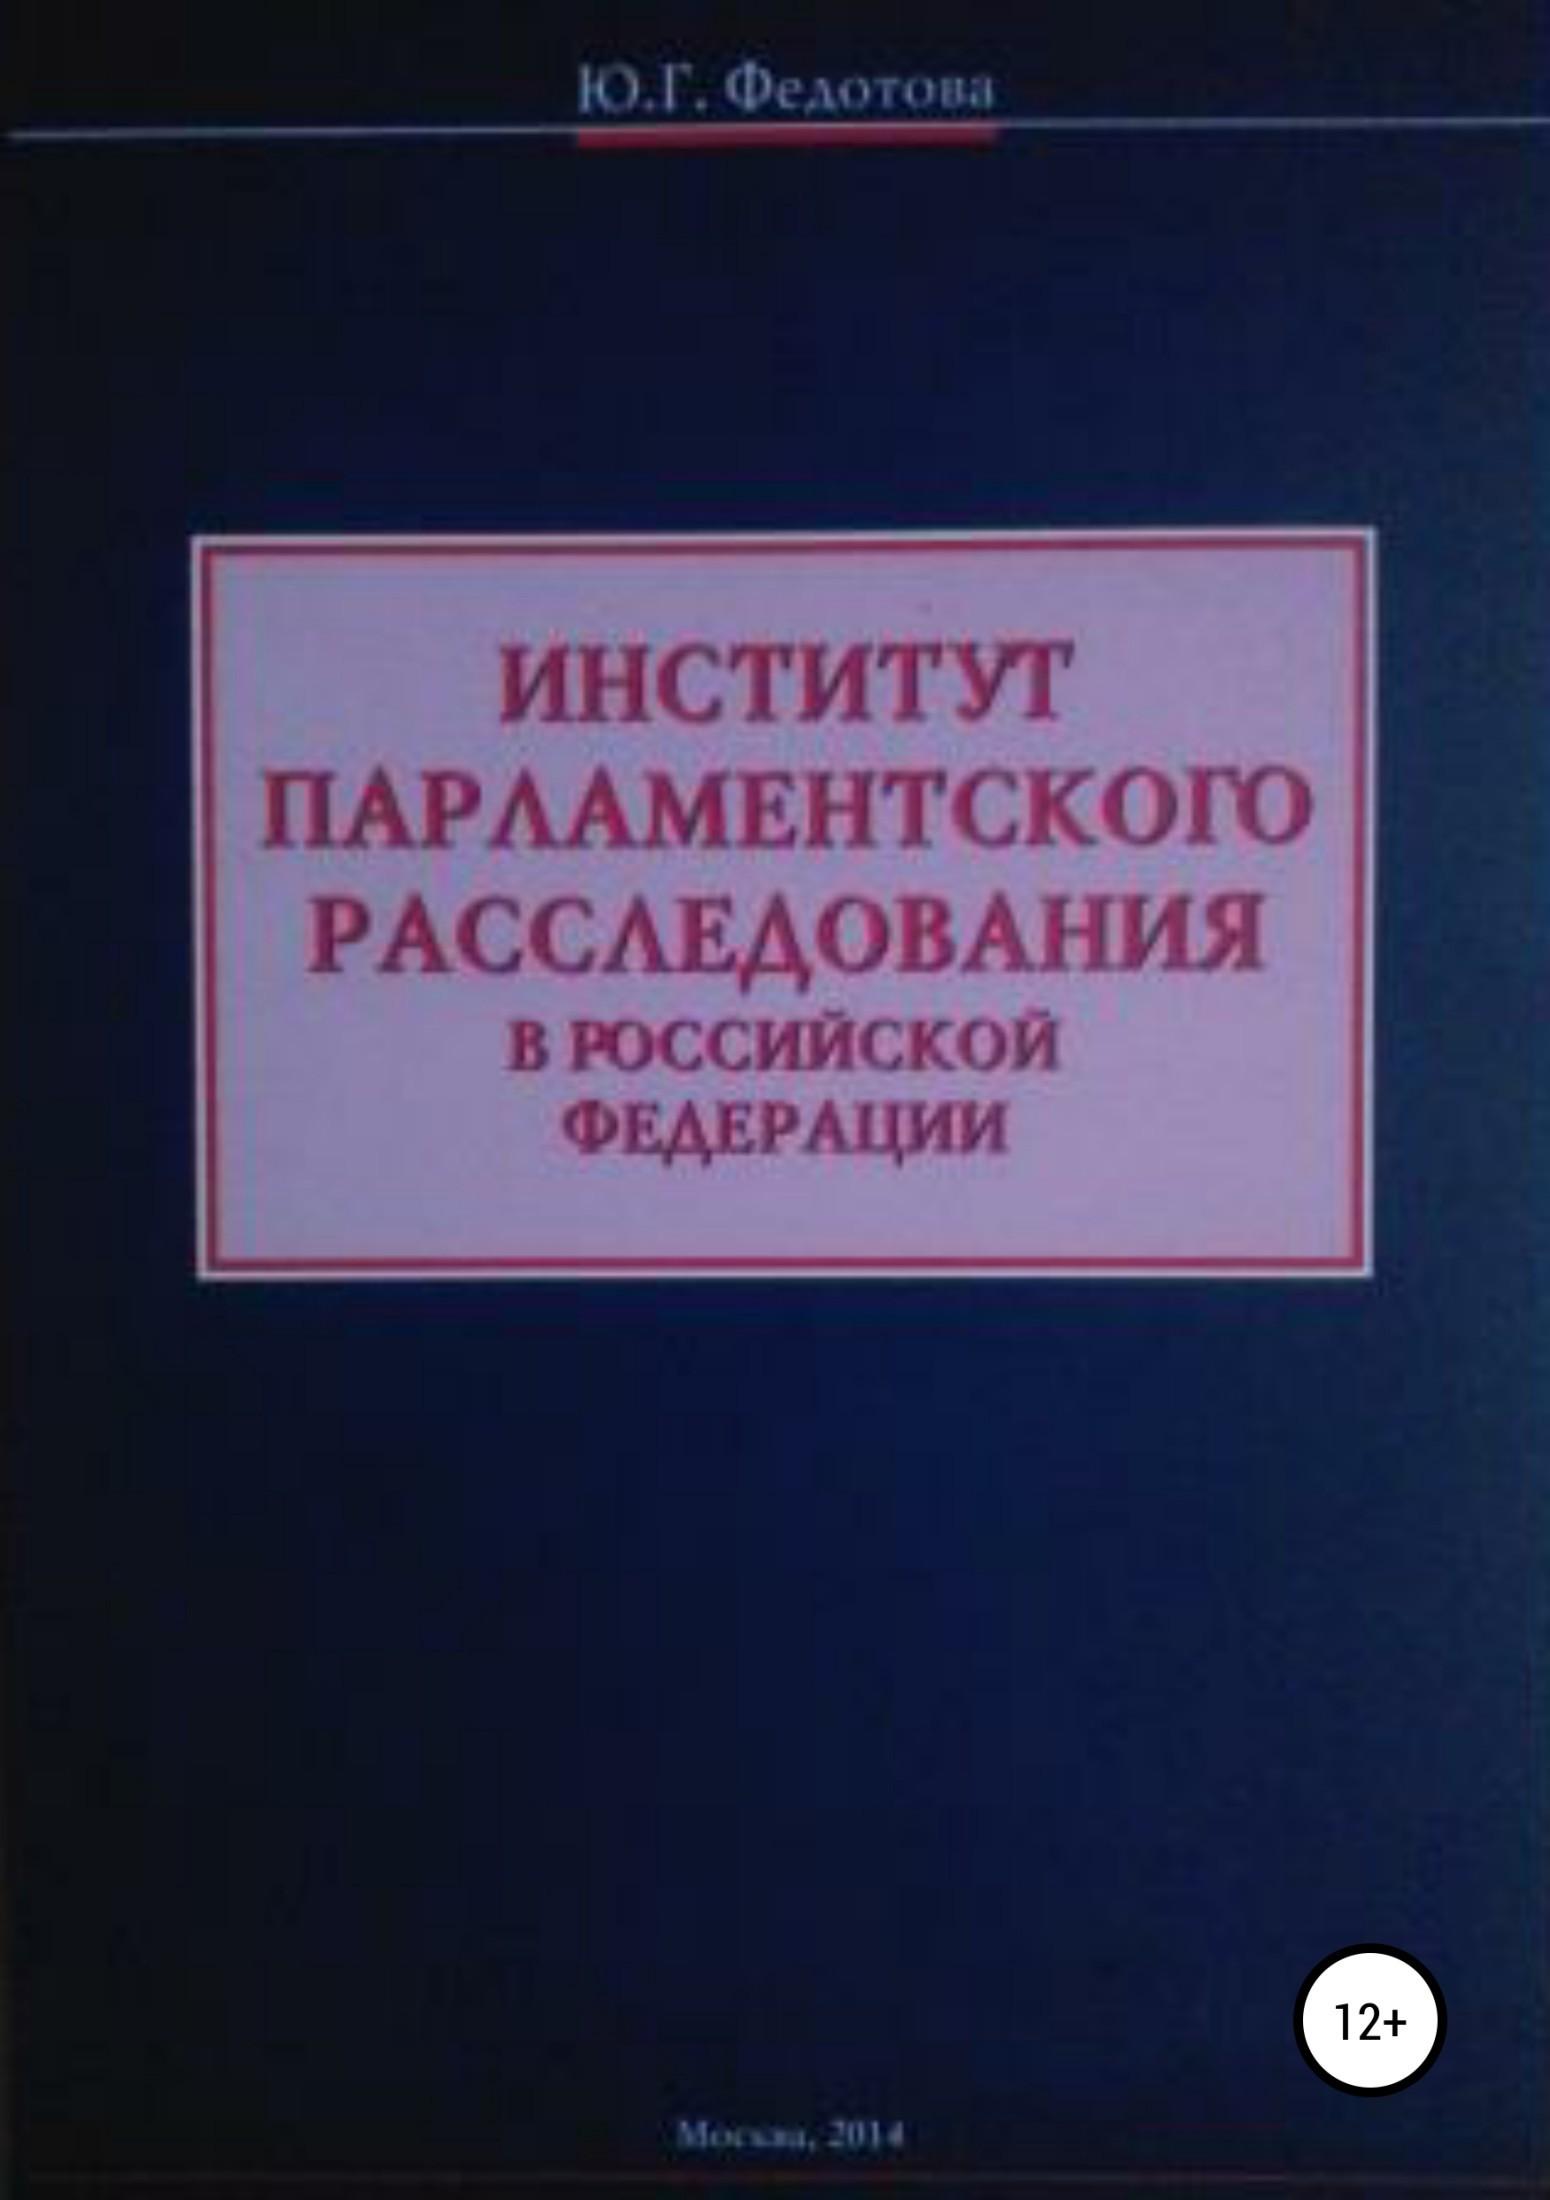 Книга Институт парламентского расследования в Российской Федерации